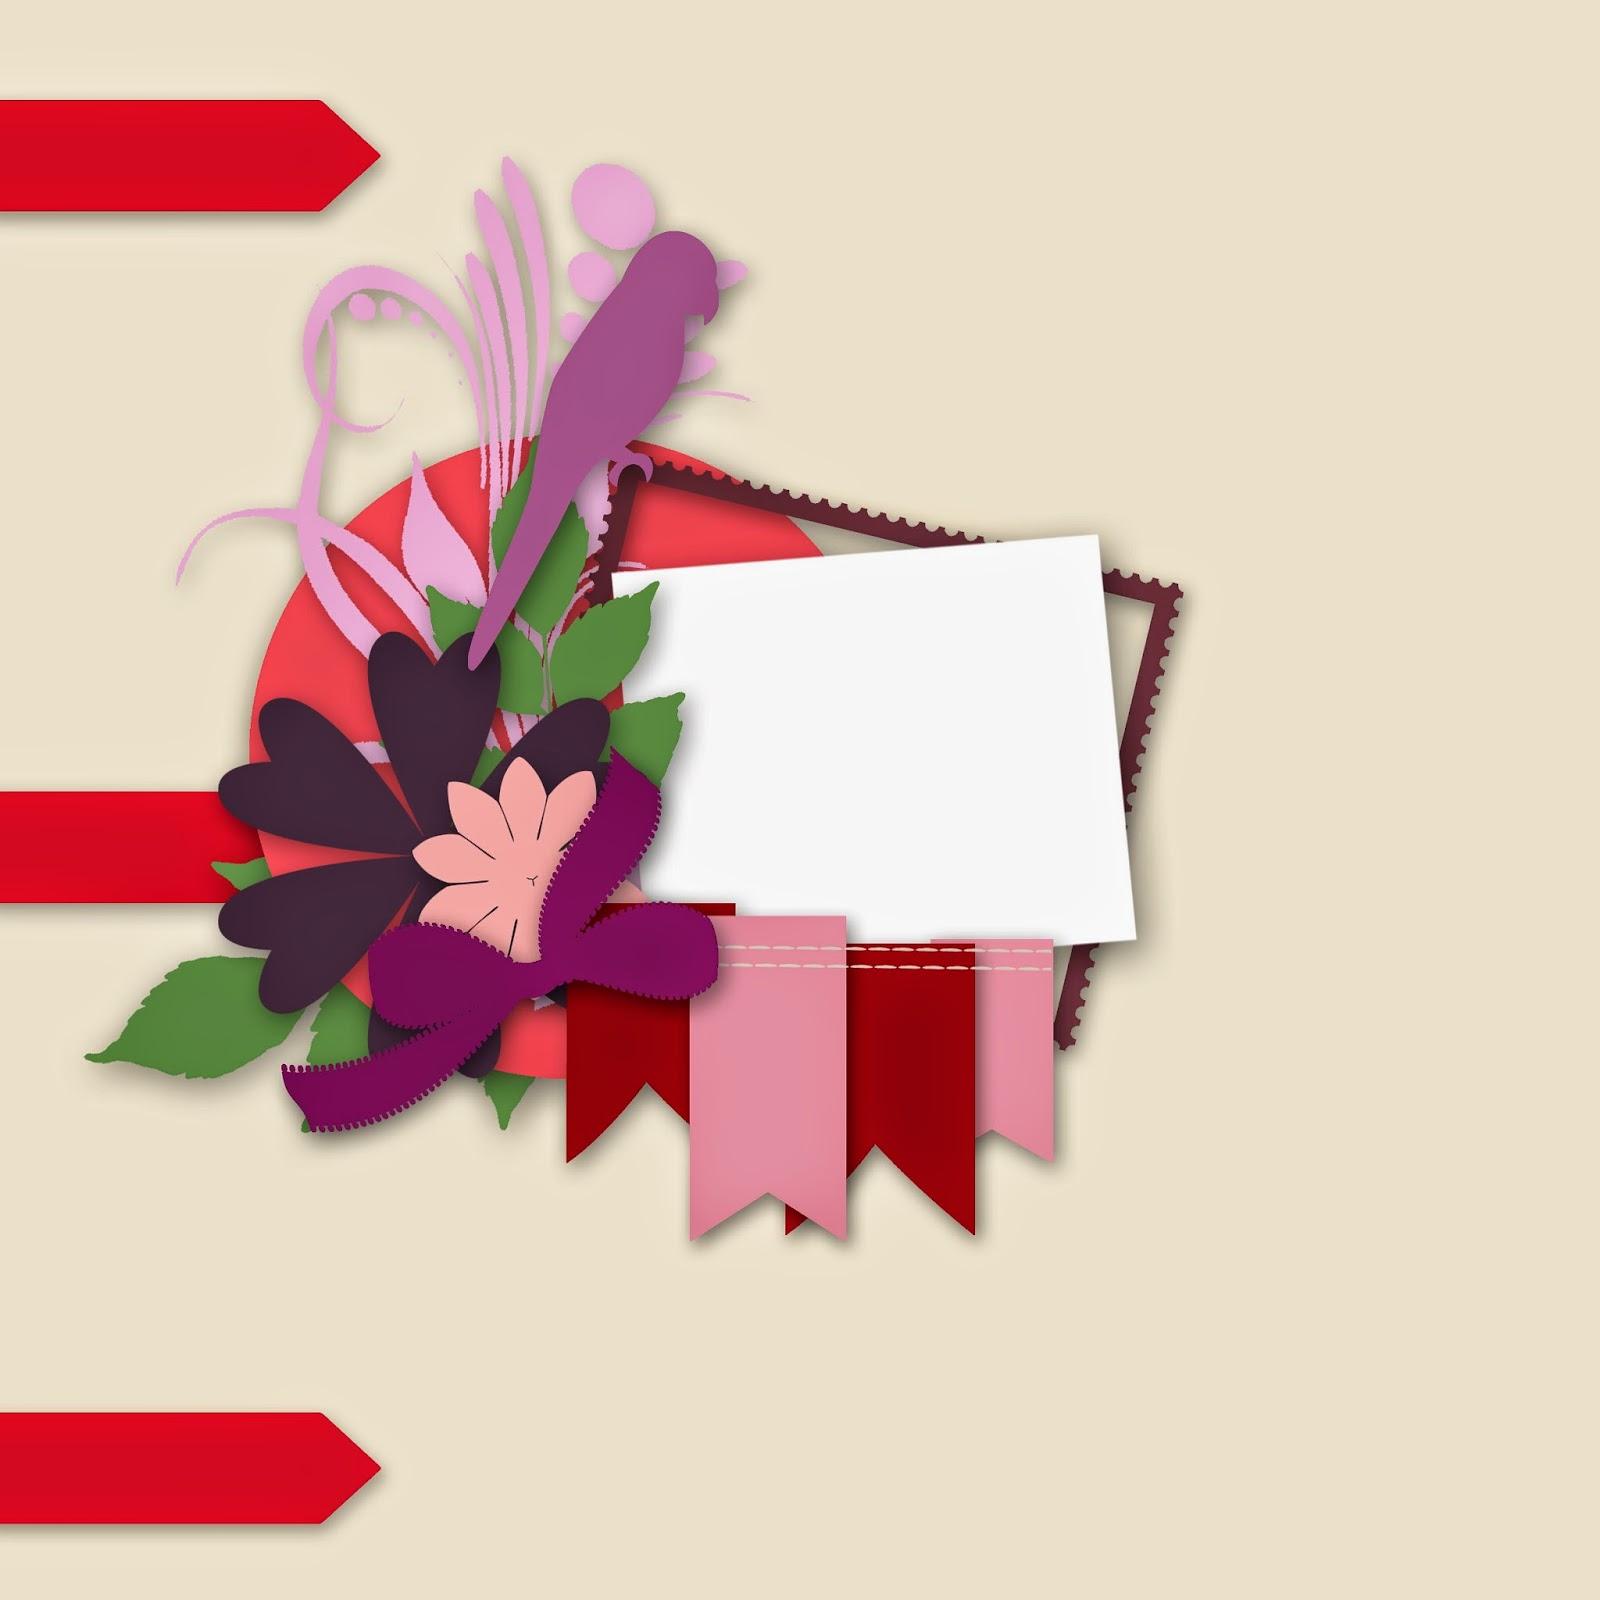 http://2.bp.blogspot.com/-1zDzz_Qfg3g/VNgWQypiNBI/AAAAAAAABIE/E0EoFrjNUR4/s1600/OklahomaDawn020815_edited-1.jpg